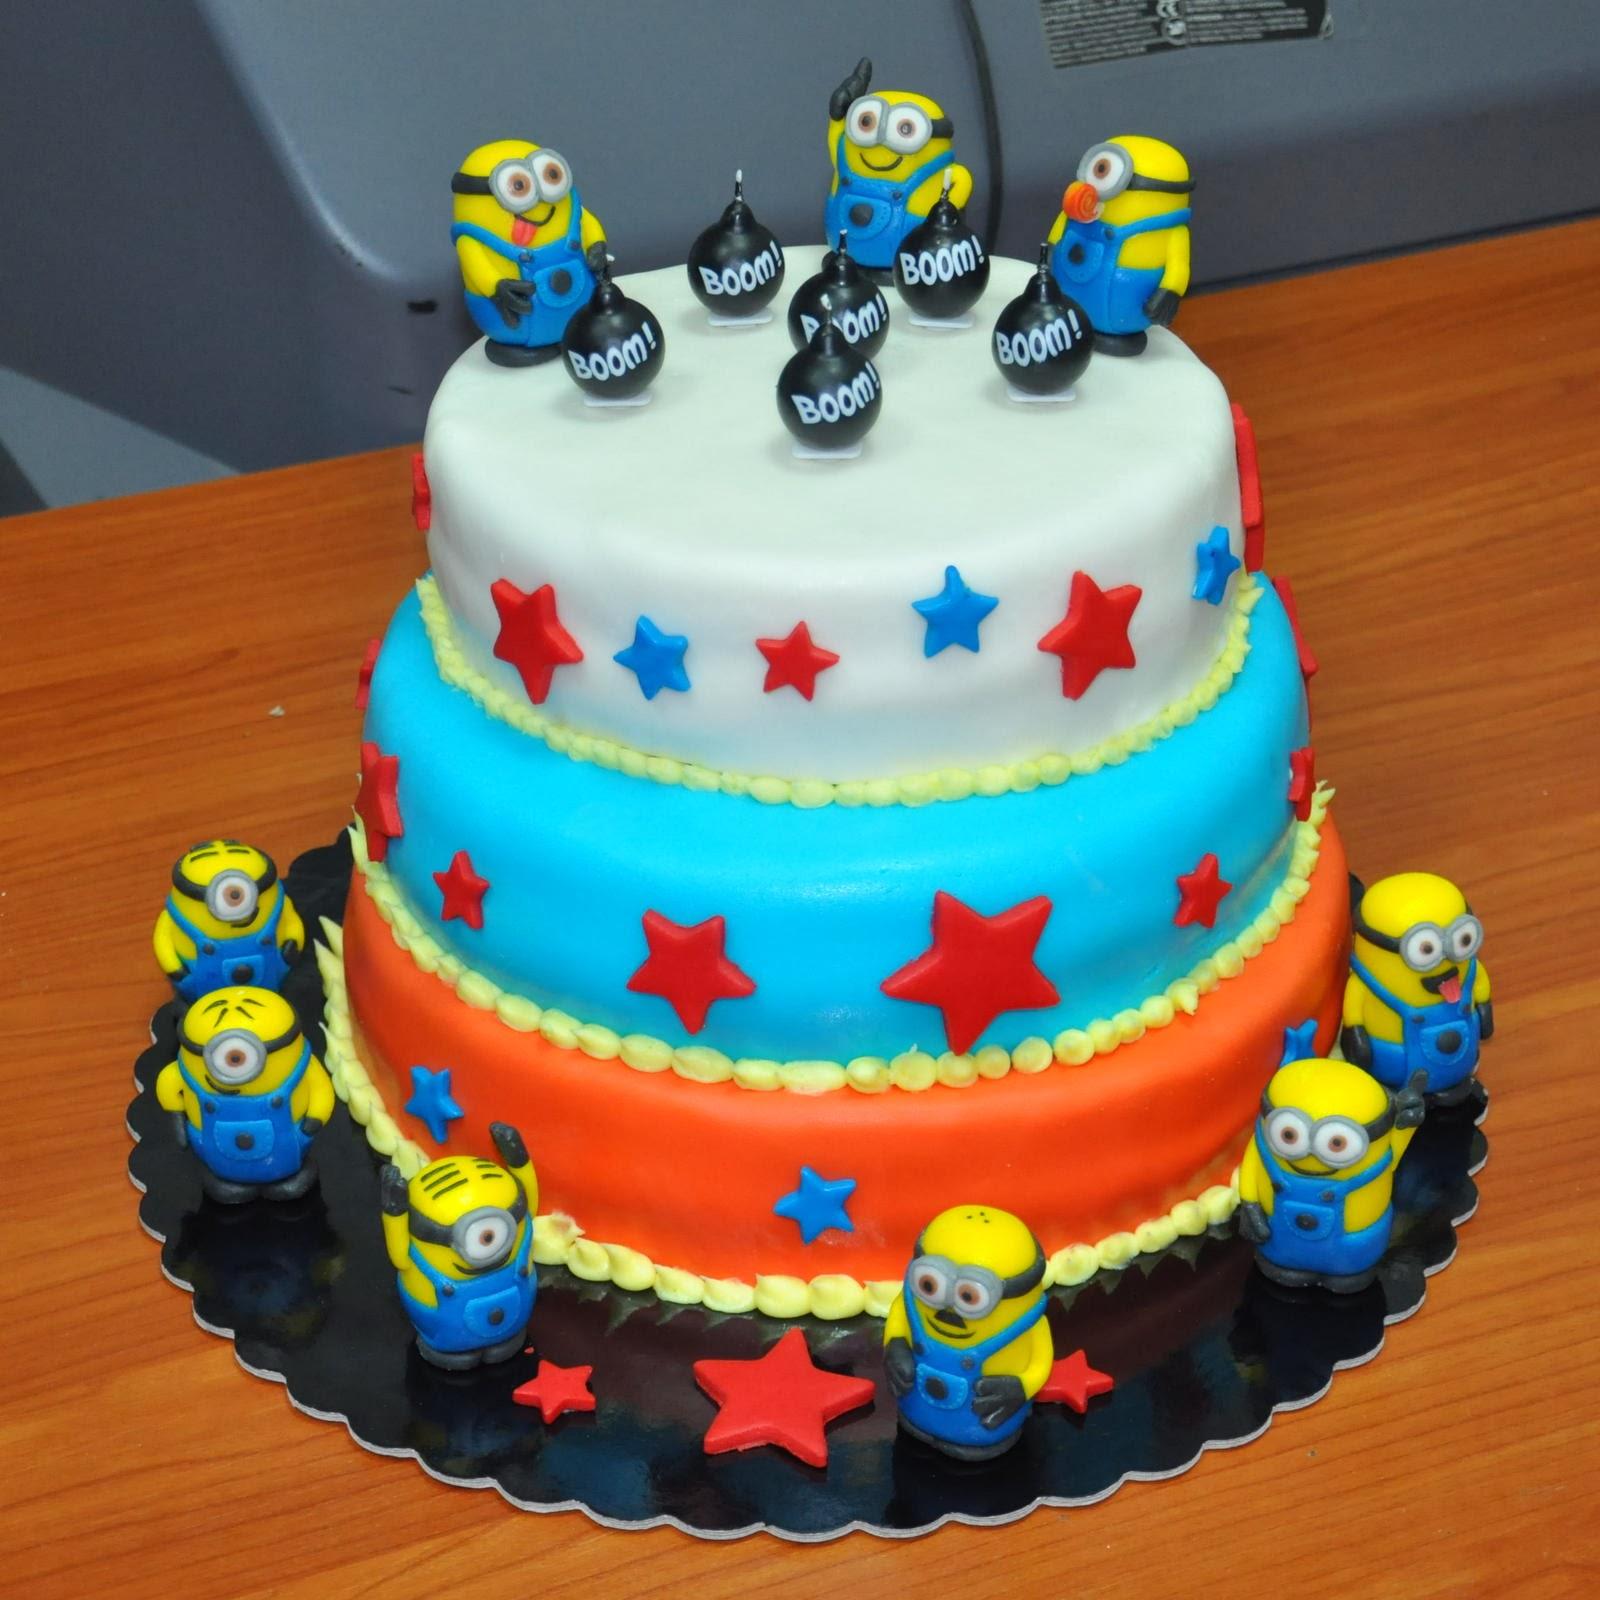 Fabuleux Babbo Pasticcione: Torta di compleanno con i Minions HS99